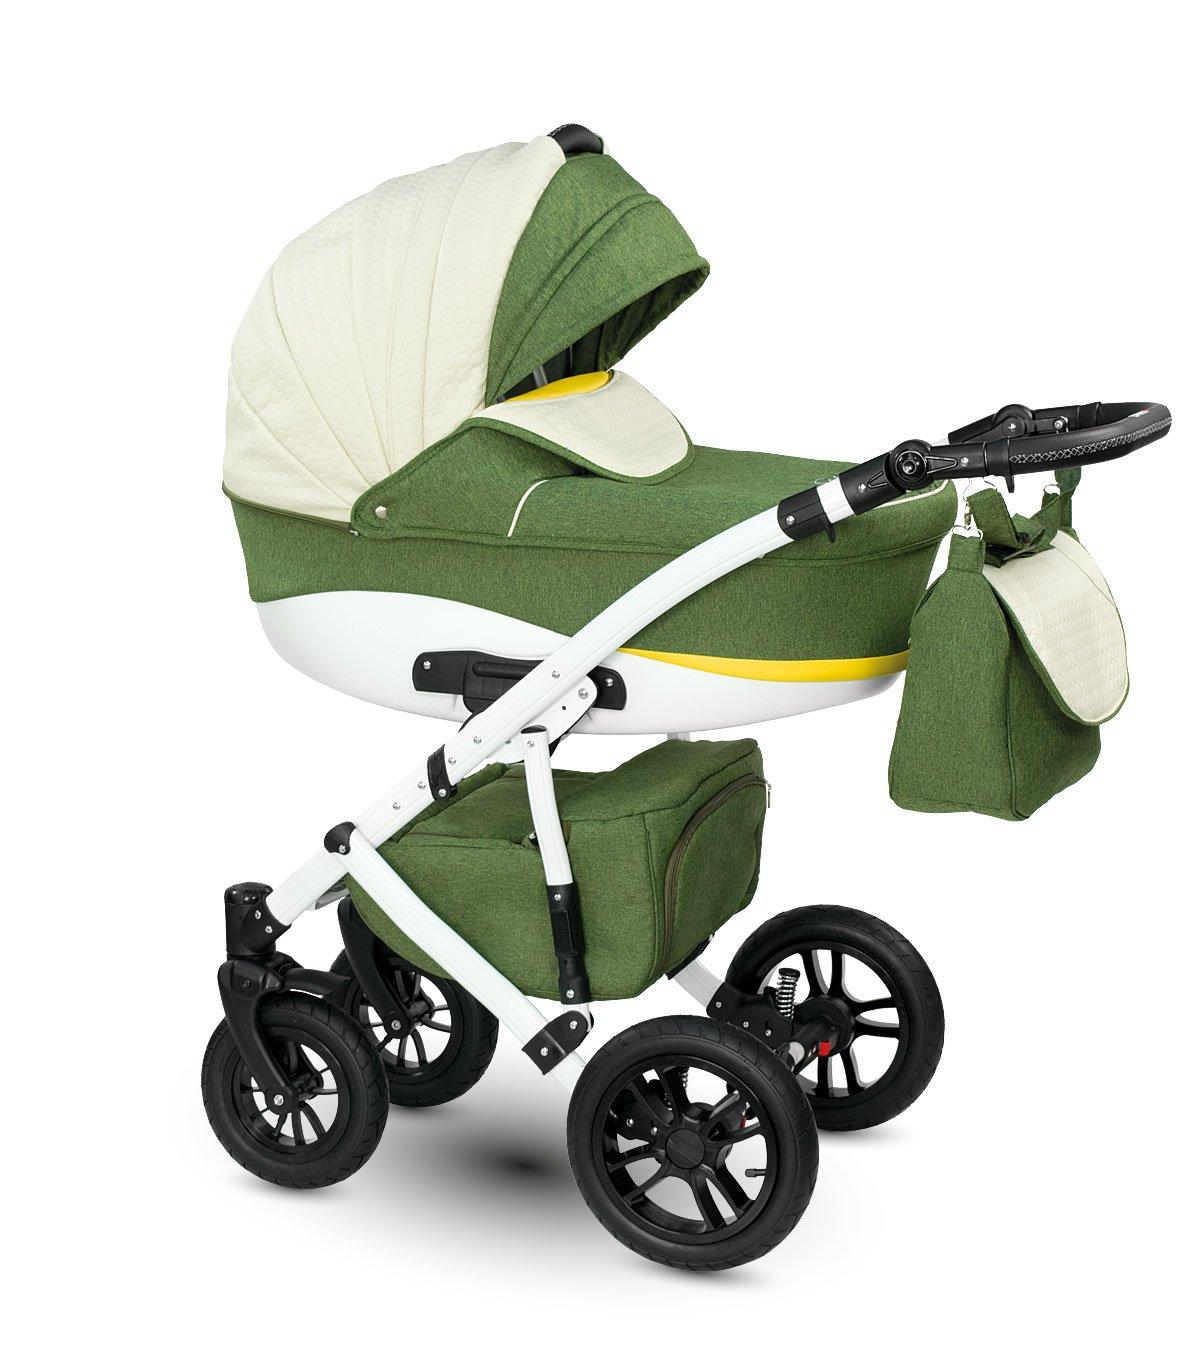 Lux4kids Cochecito 3 in 1 Silla de paseo + capazo + silla para coche + rutas giratorias neumática - giratorias Sirion beige & verde Si-4 con Isofix con ...